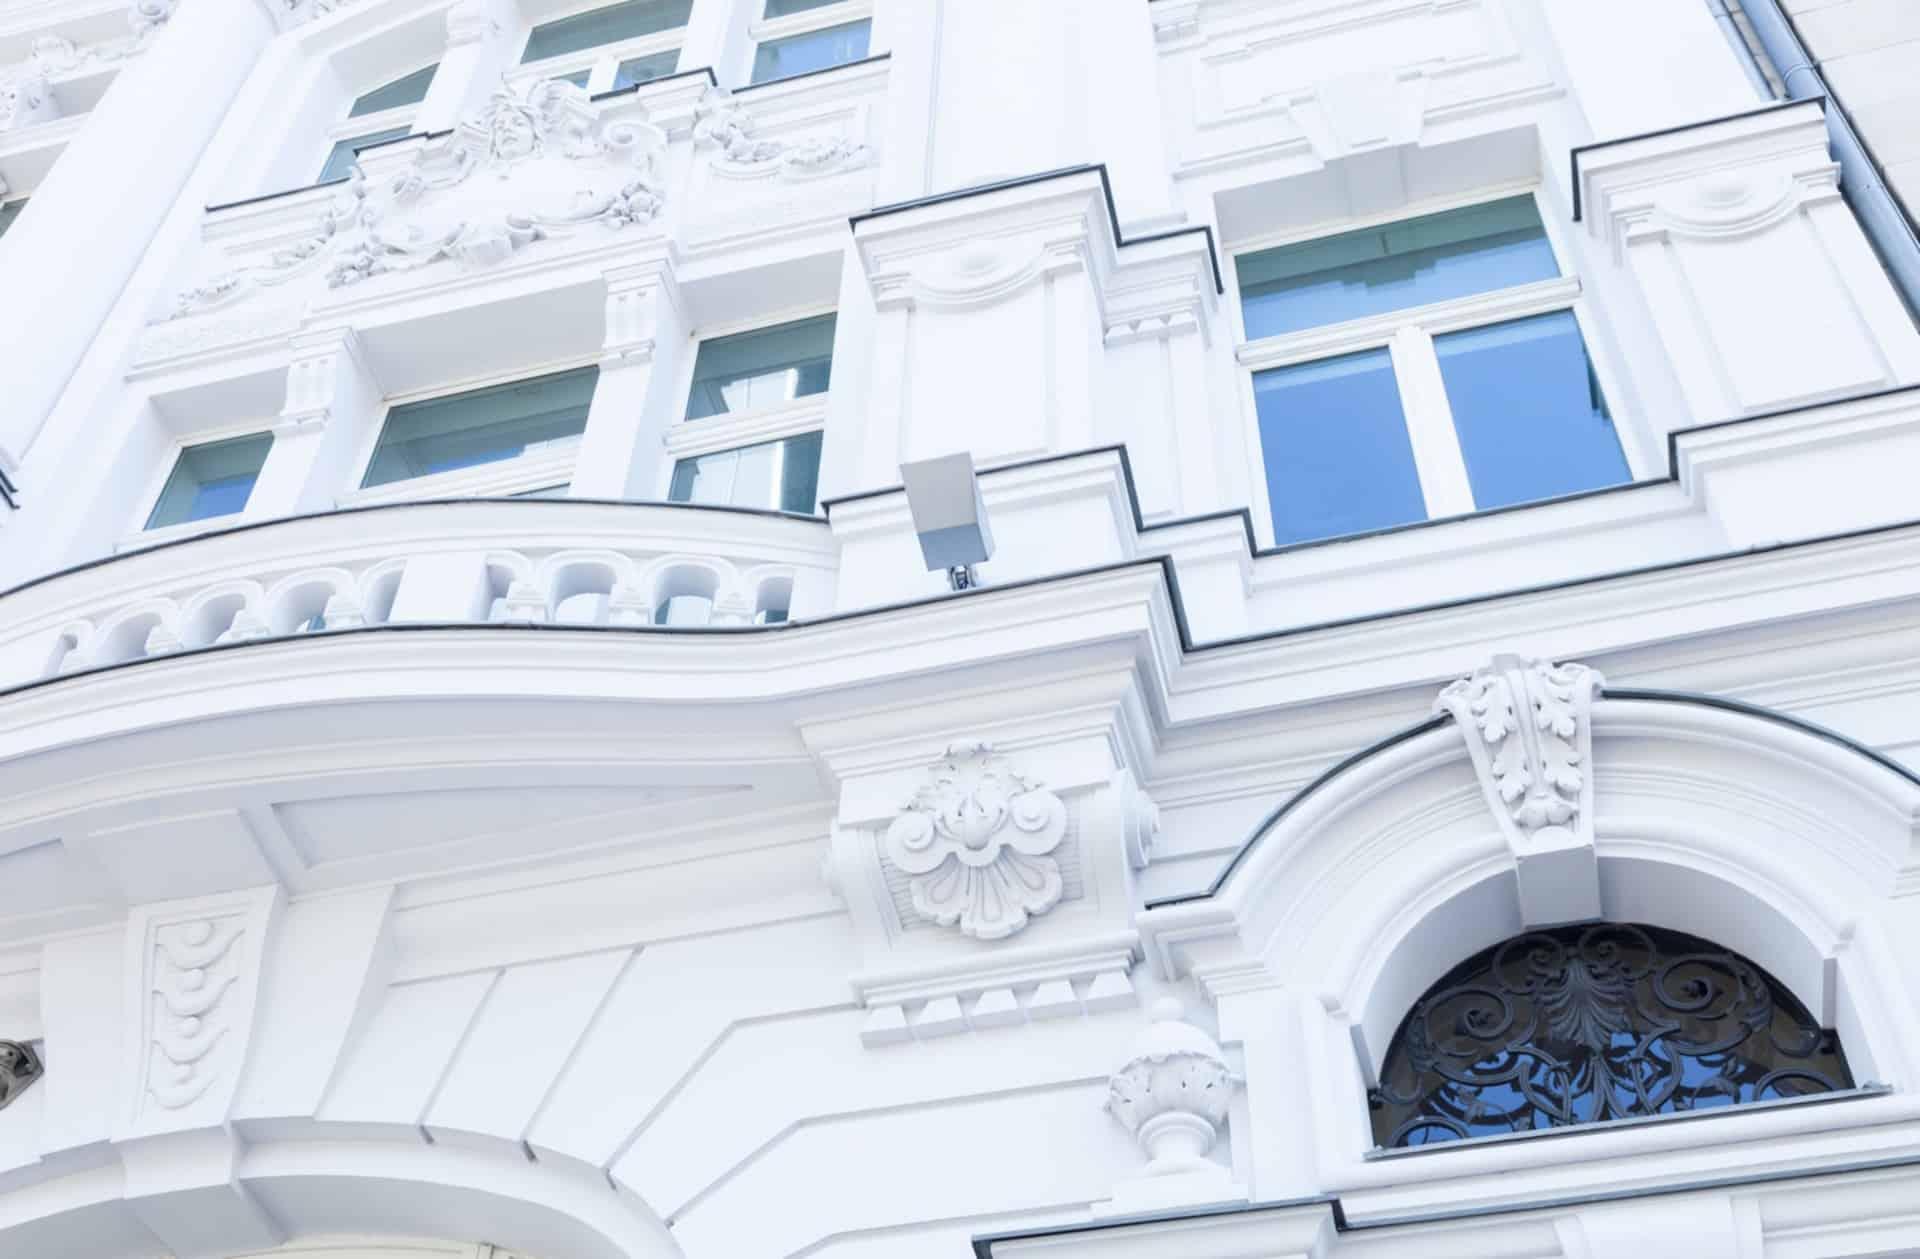 immobilien Finanzierung, unabhängige Beratung Dresden